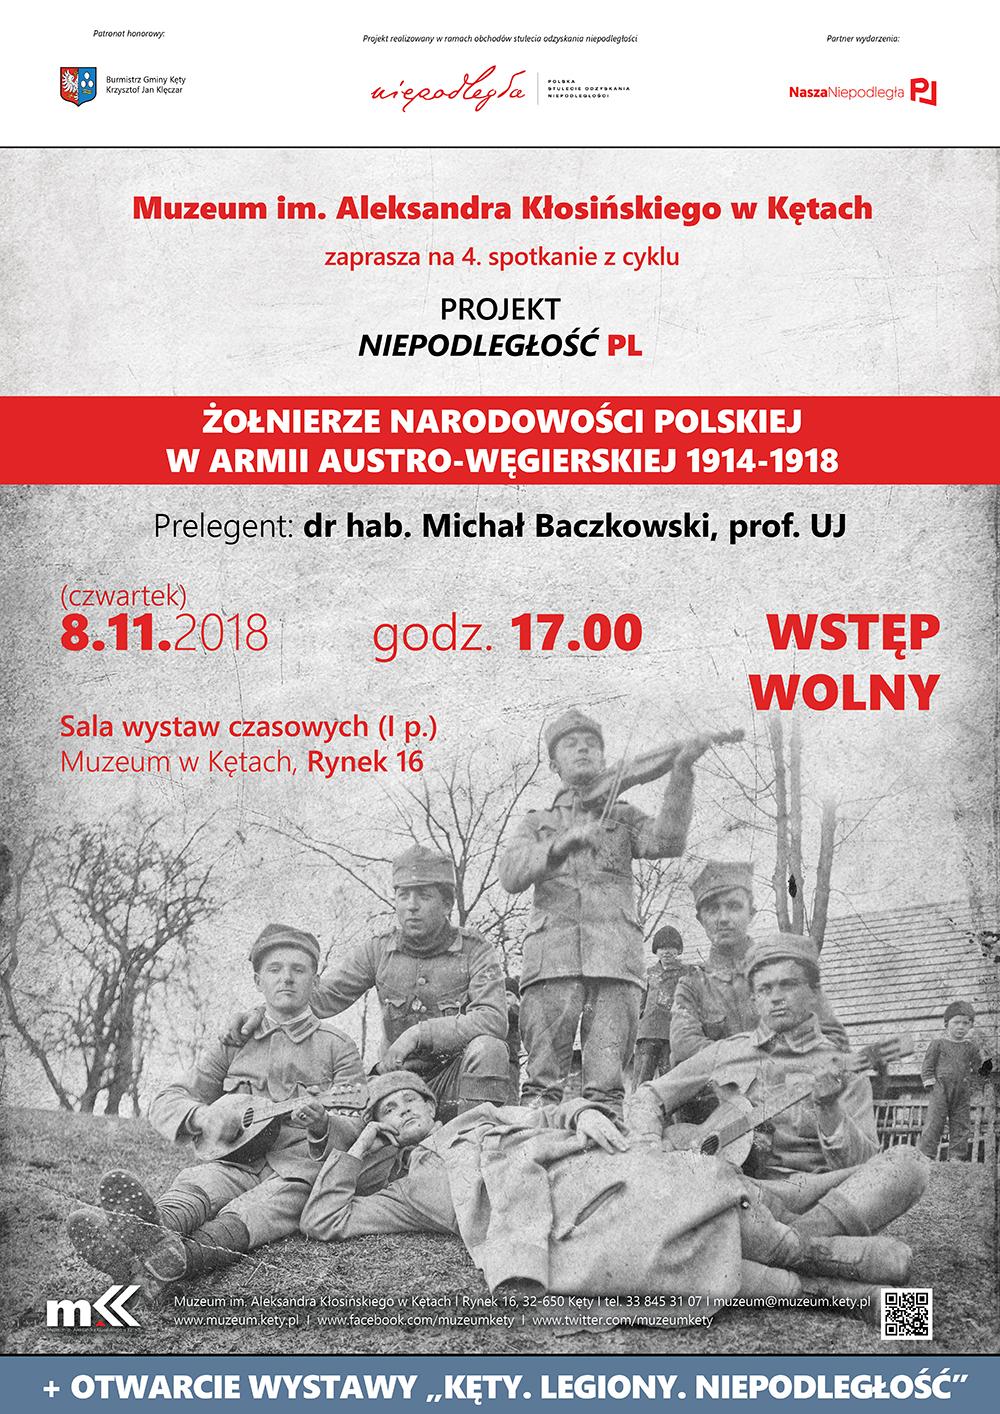 Muzeum zaprasza na prelekcję i otwarcie wystawy związanej z odzyskaniem przez Polskę niepodległości